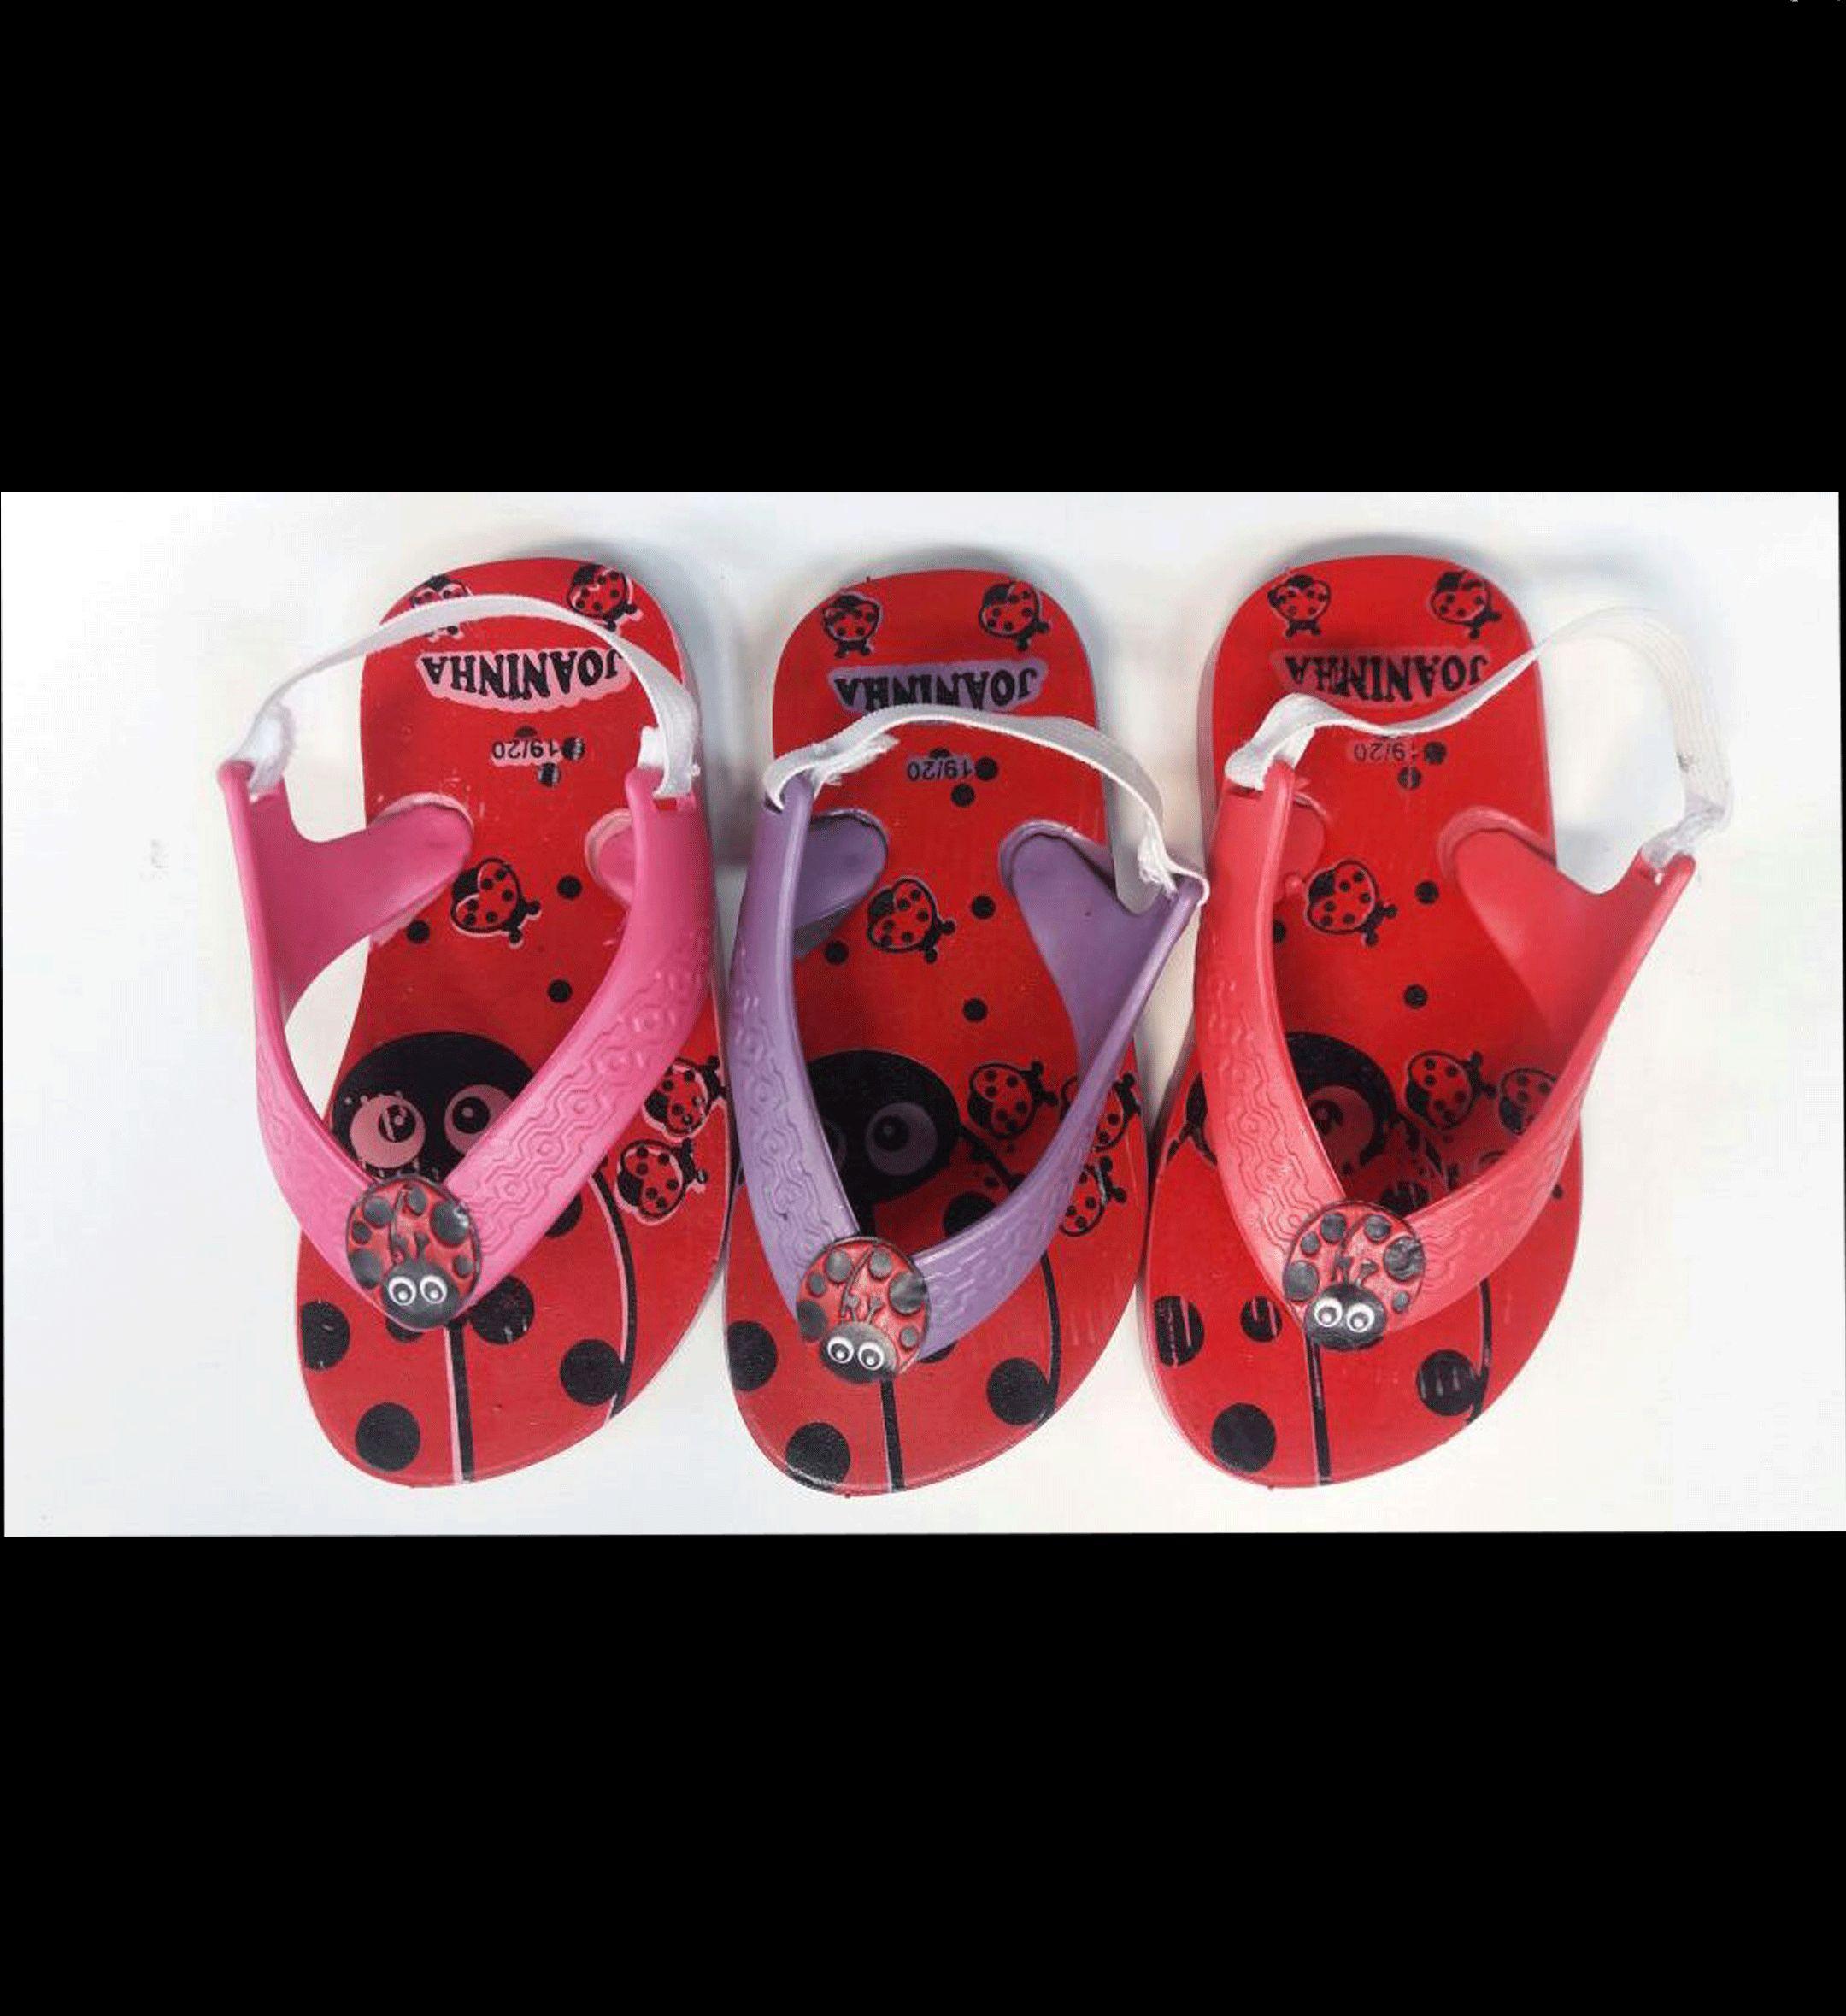 c02b444243 Calçado Infantil Baby Feminino Ref  008205 (lote 15 pares)R 7